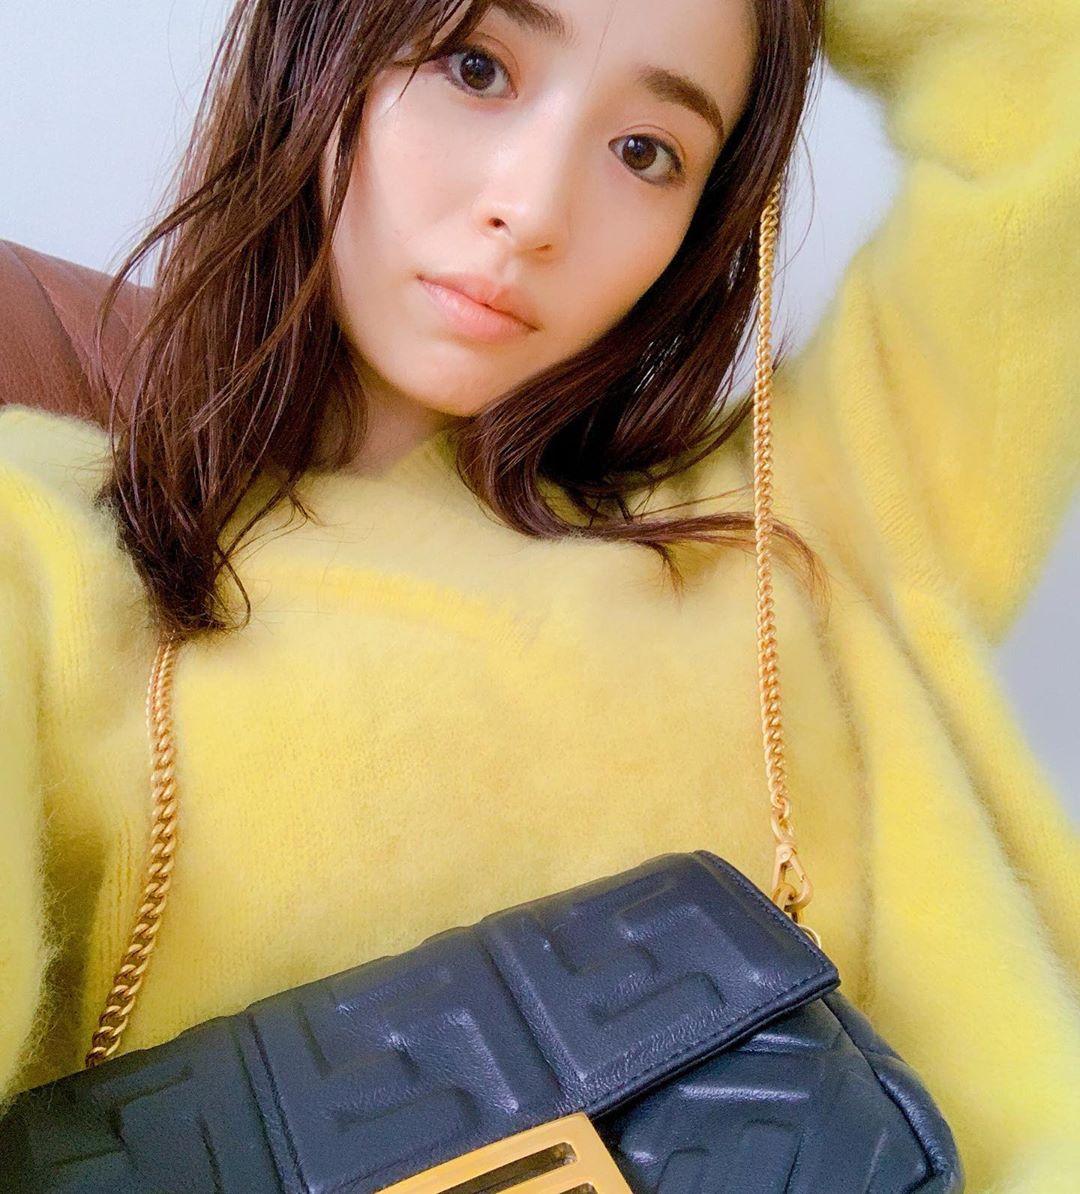 Rika-Izumi-Wallpapers-Insta-Fit-Bio-9